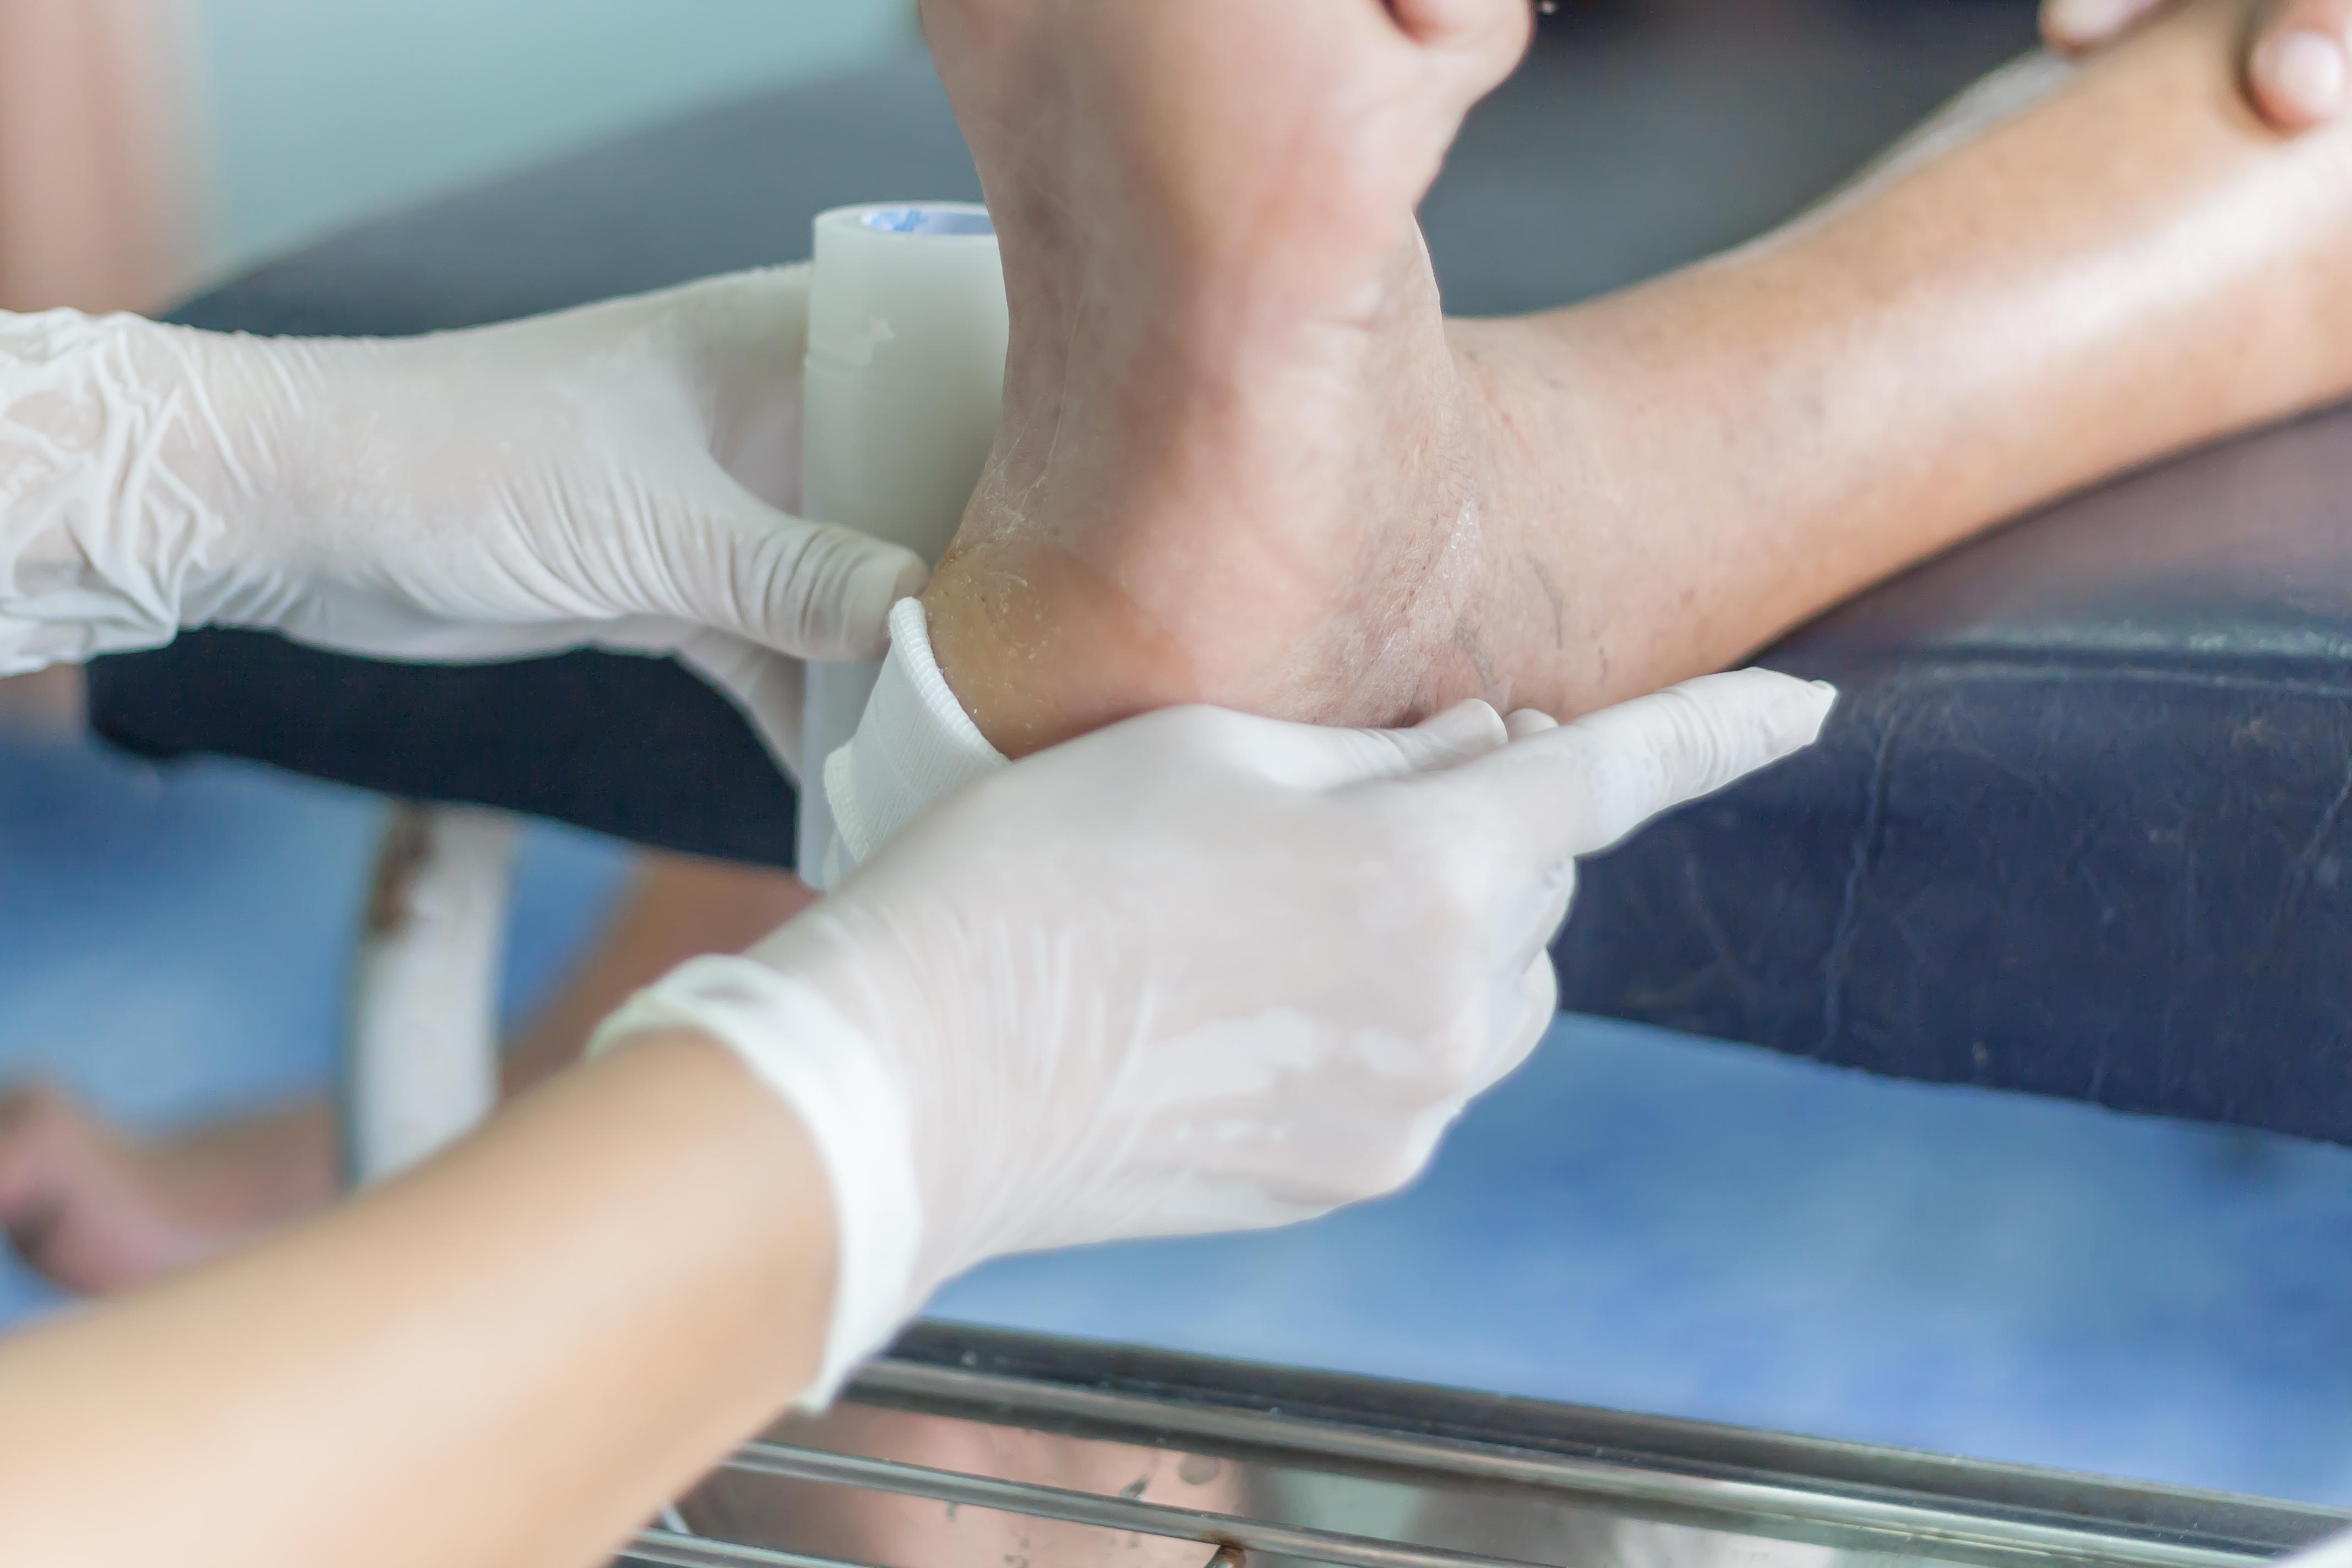 La mise oeuvre de services de soins spécialisés des ulcères du pied diabétique a permis, en Belgique, d'assurer une bonne gestion de ces plaies durant la pandémie (Visuel Adobe Stock 165767373)